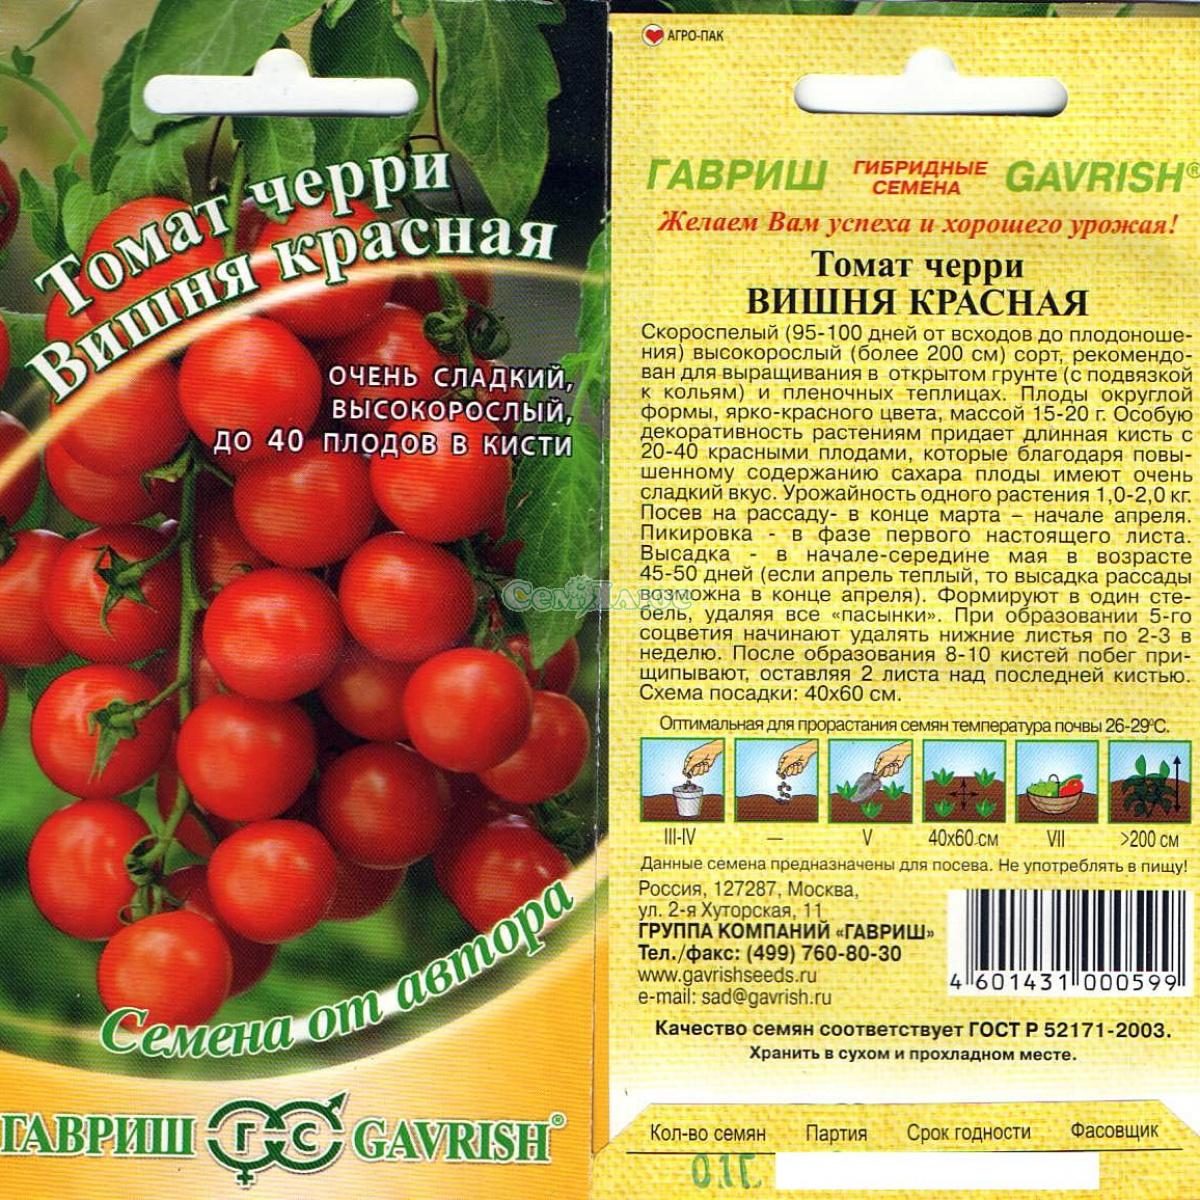 """Томат """"зимняя вишня"""" : подробное описание этого сорта помидор f1, его характеристики и фото, а также советы по выращиванию русский фермер"""